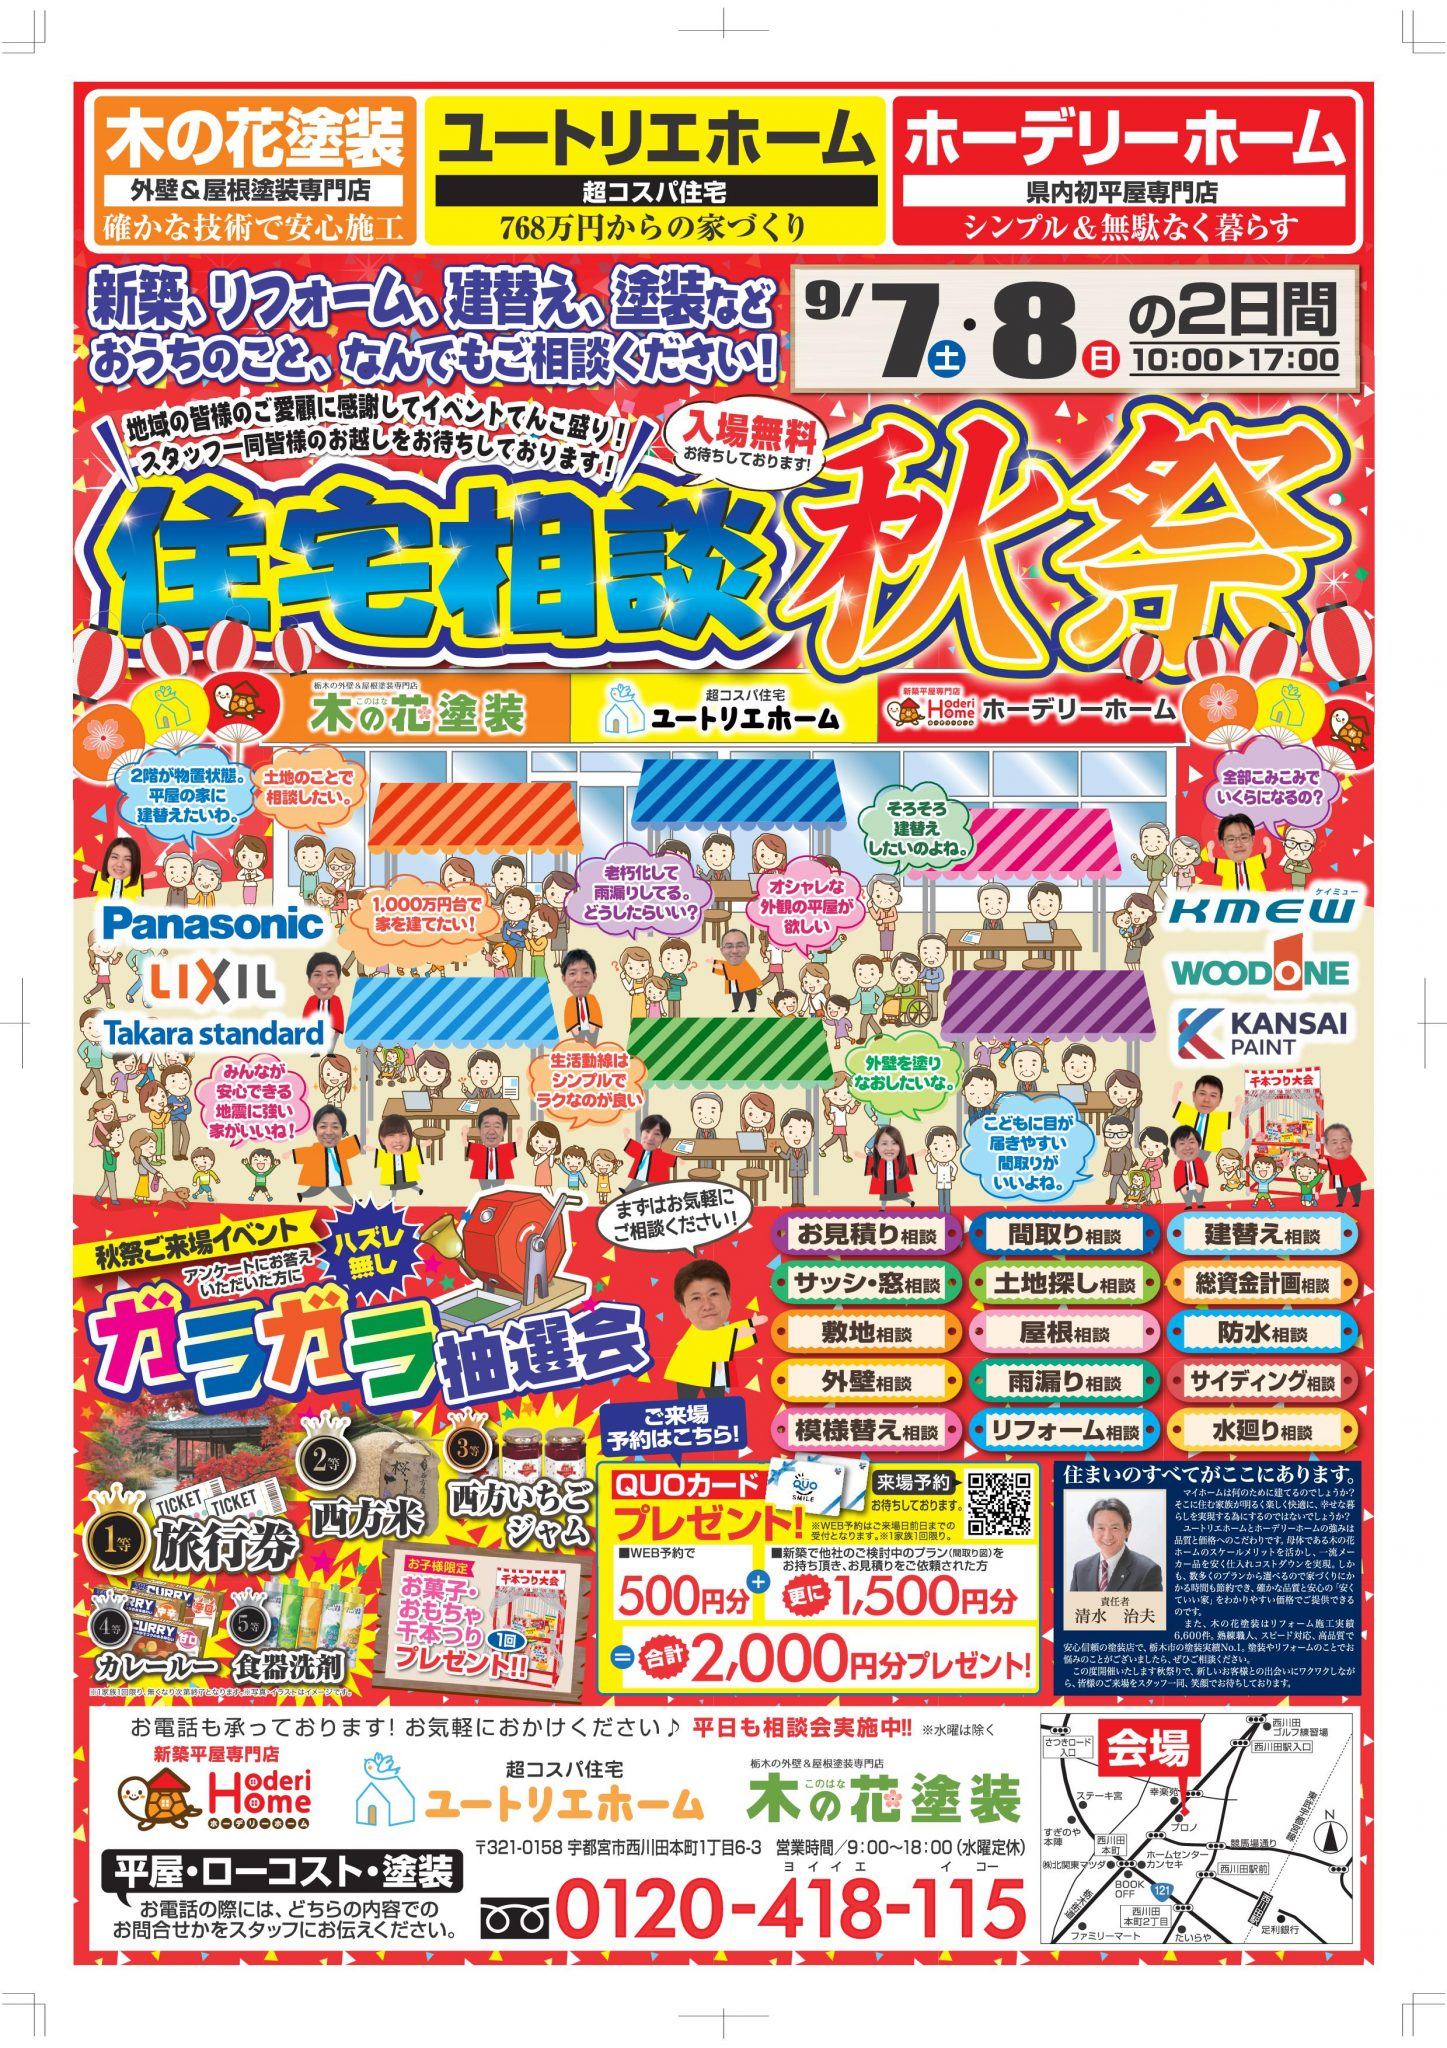 宇都宮店 イベントのお知らせ